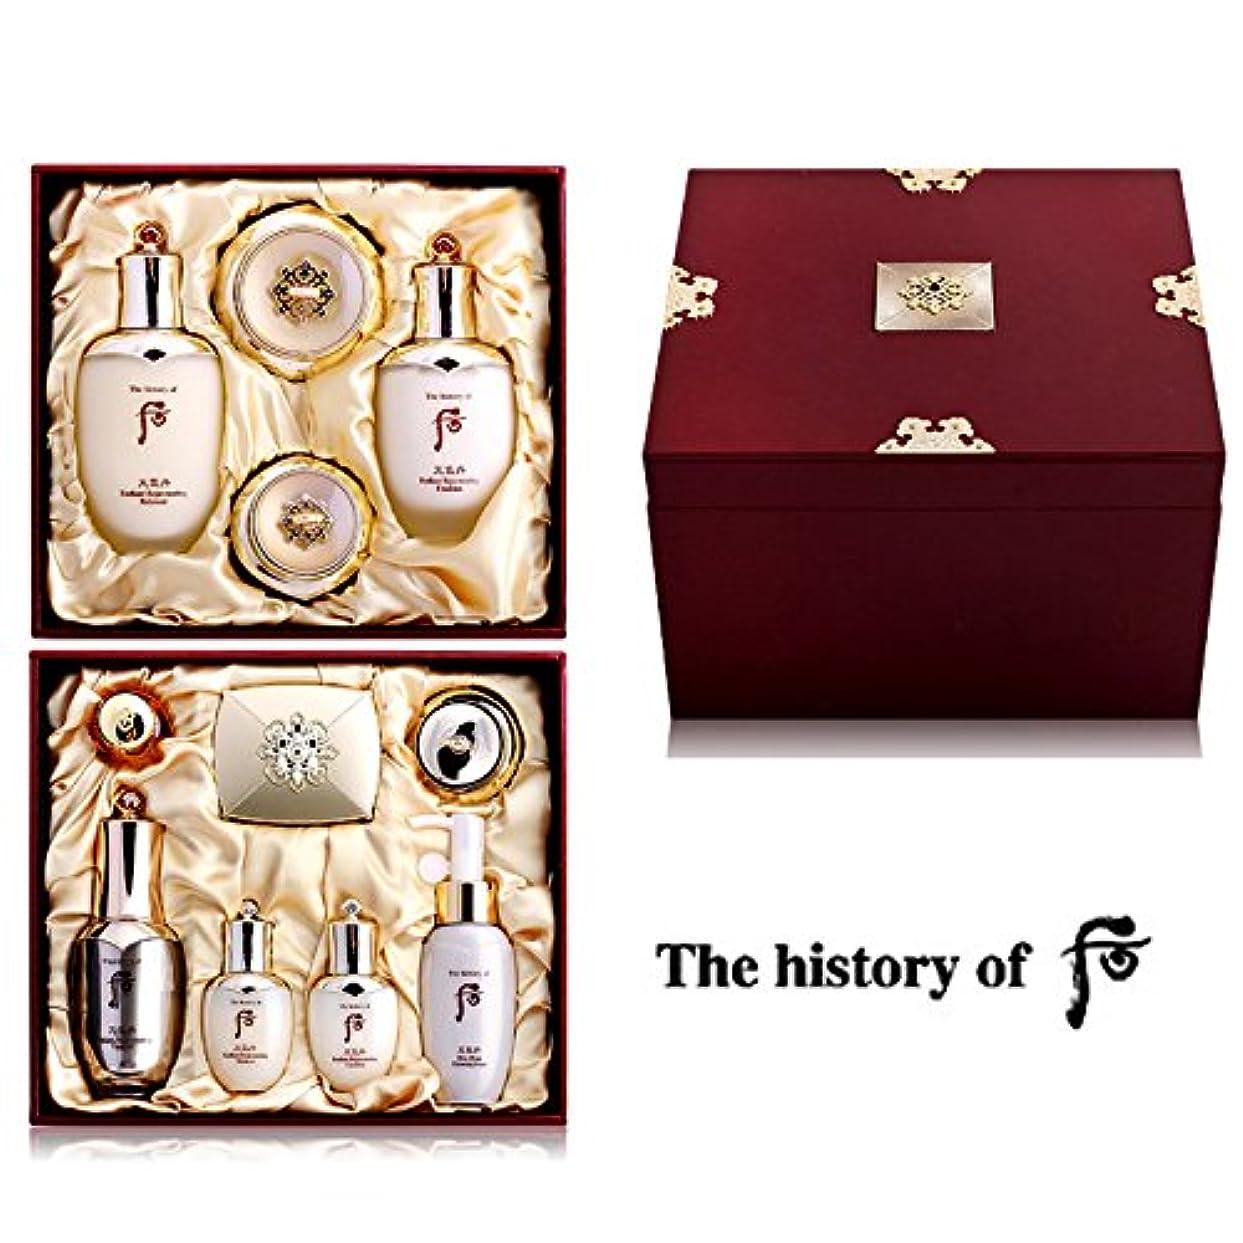 原子炉パッド祖母【フー/The history of whoo] 天気丹 王侯(チョンギダン ワンフ) セット/Chonghi Dan Queen Special Set+[Sample Gift](海外直送品)